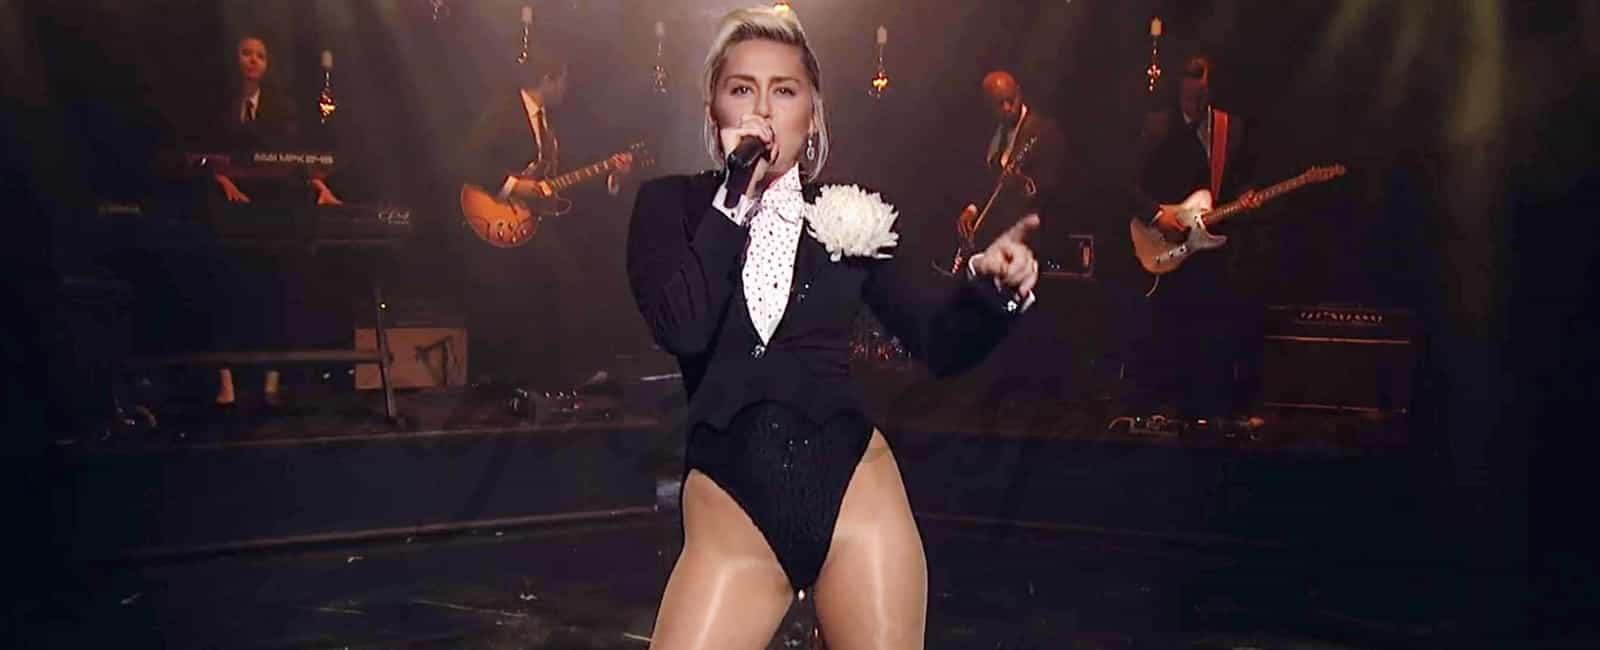 Miley Cyrus vuelve a los escenarios … Y vuelve a sorprender